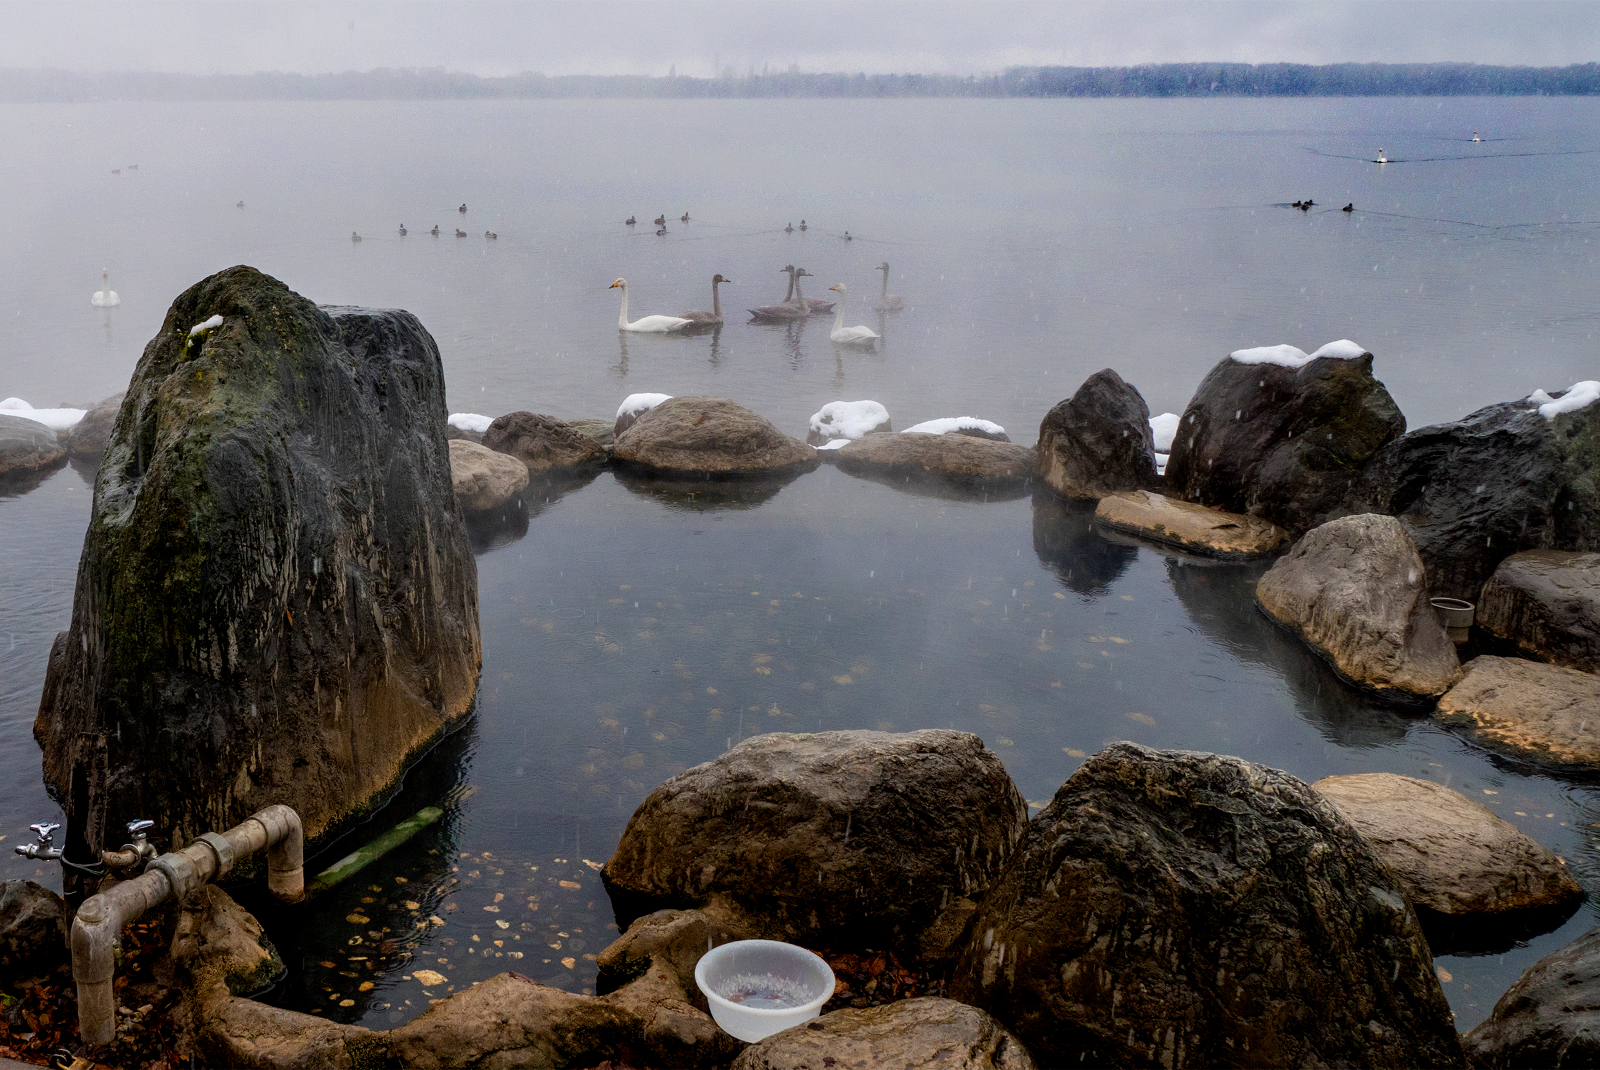 屈斜路湖・川湯温泉周辺の無料で楽しめる足湯・露天風呂10選